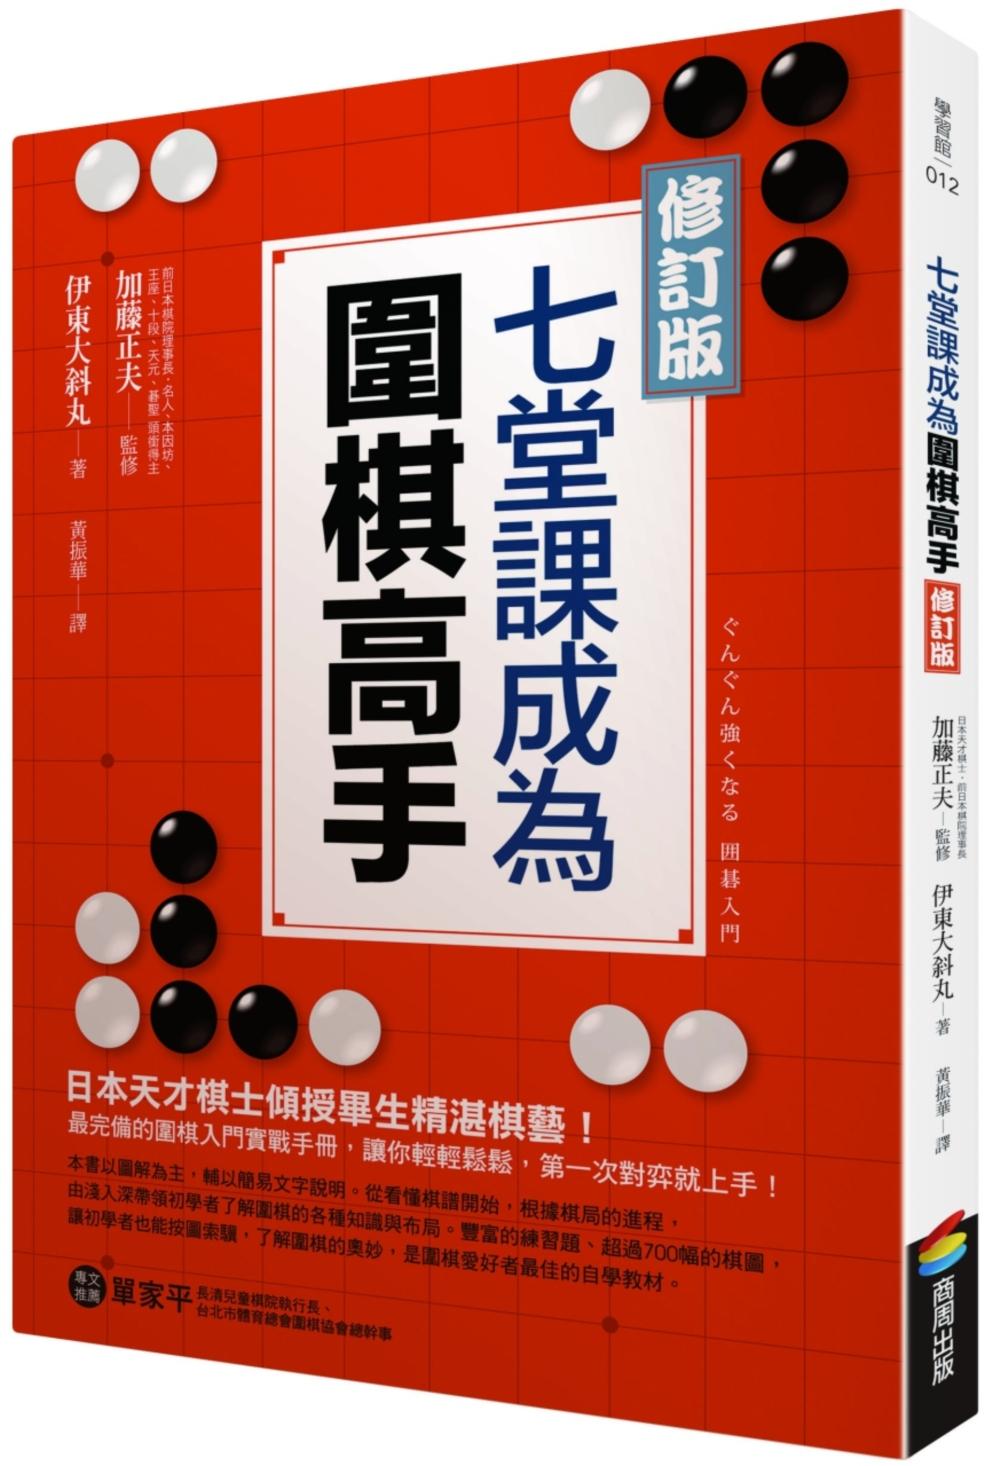 ◤博客來BOOKS◢ 暢銷書榜《推薦》七堂課成為圍棋高手【修訂版】